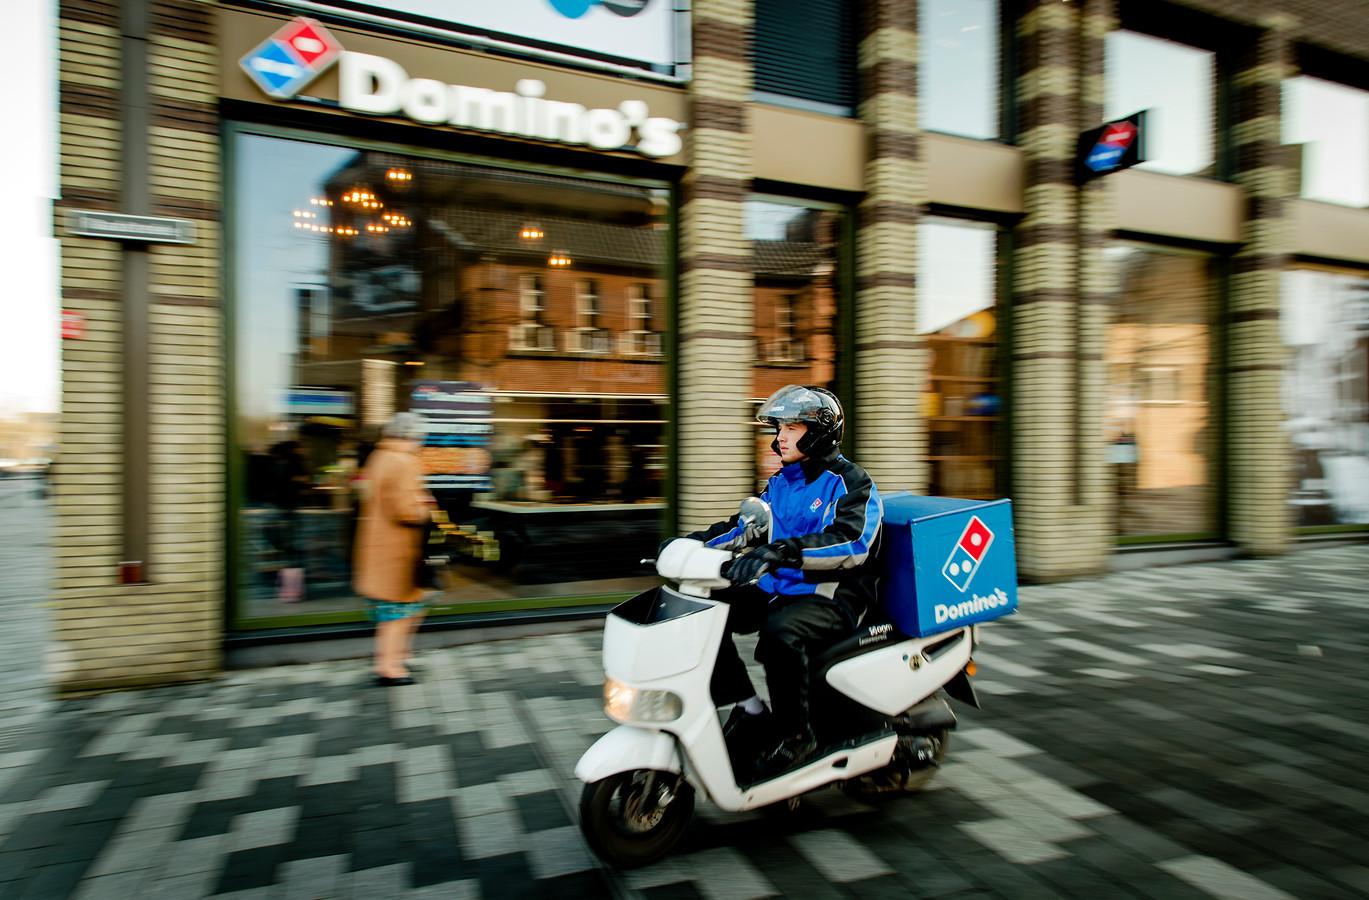 Foto ter illustratie. Een bezorger van pizzaketen Domino's